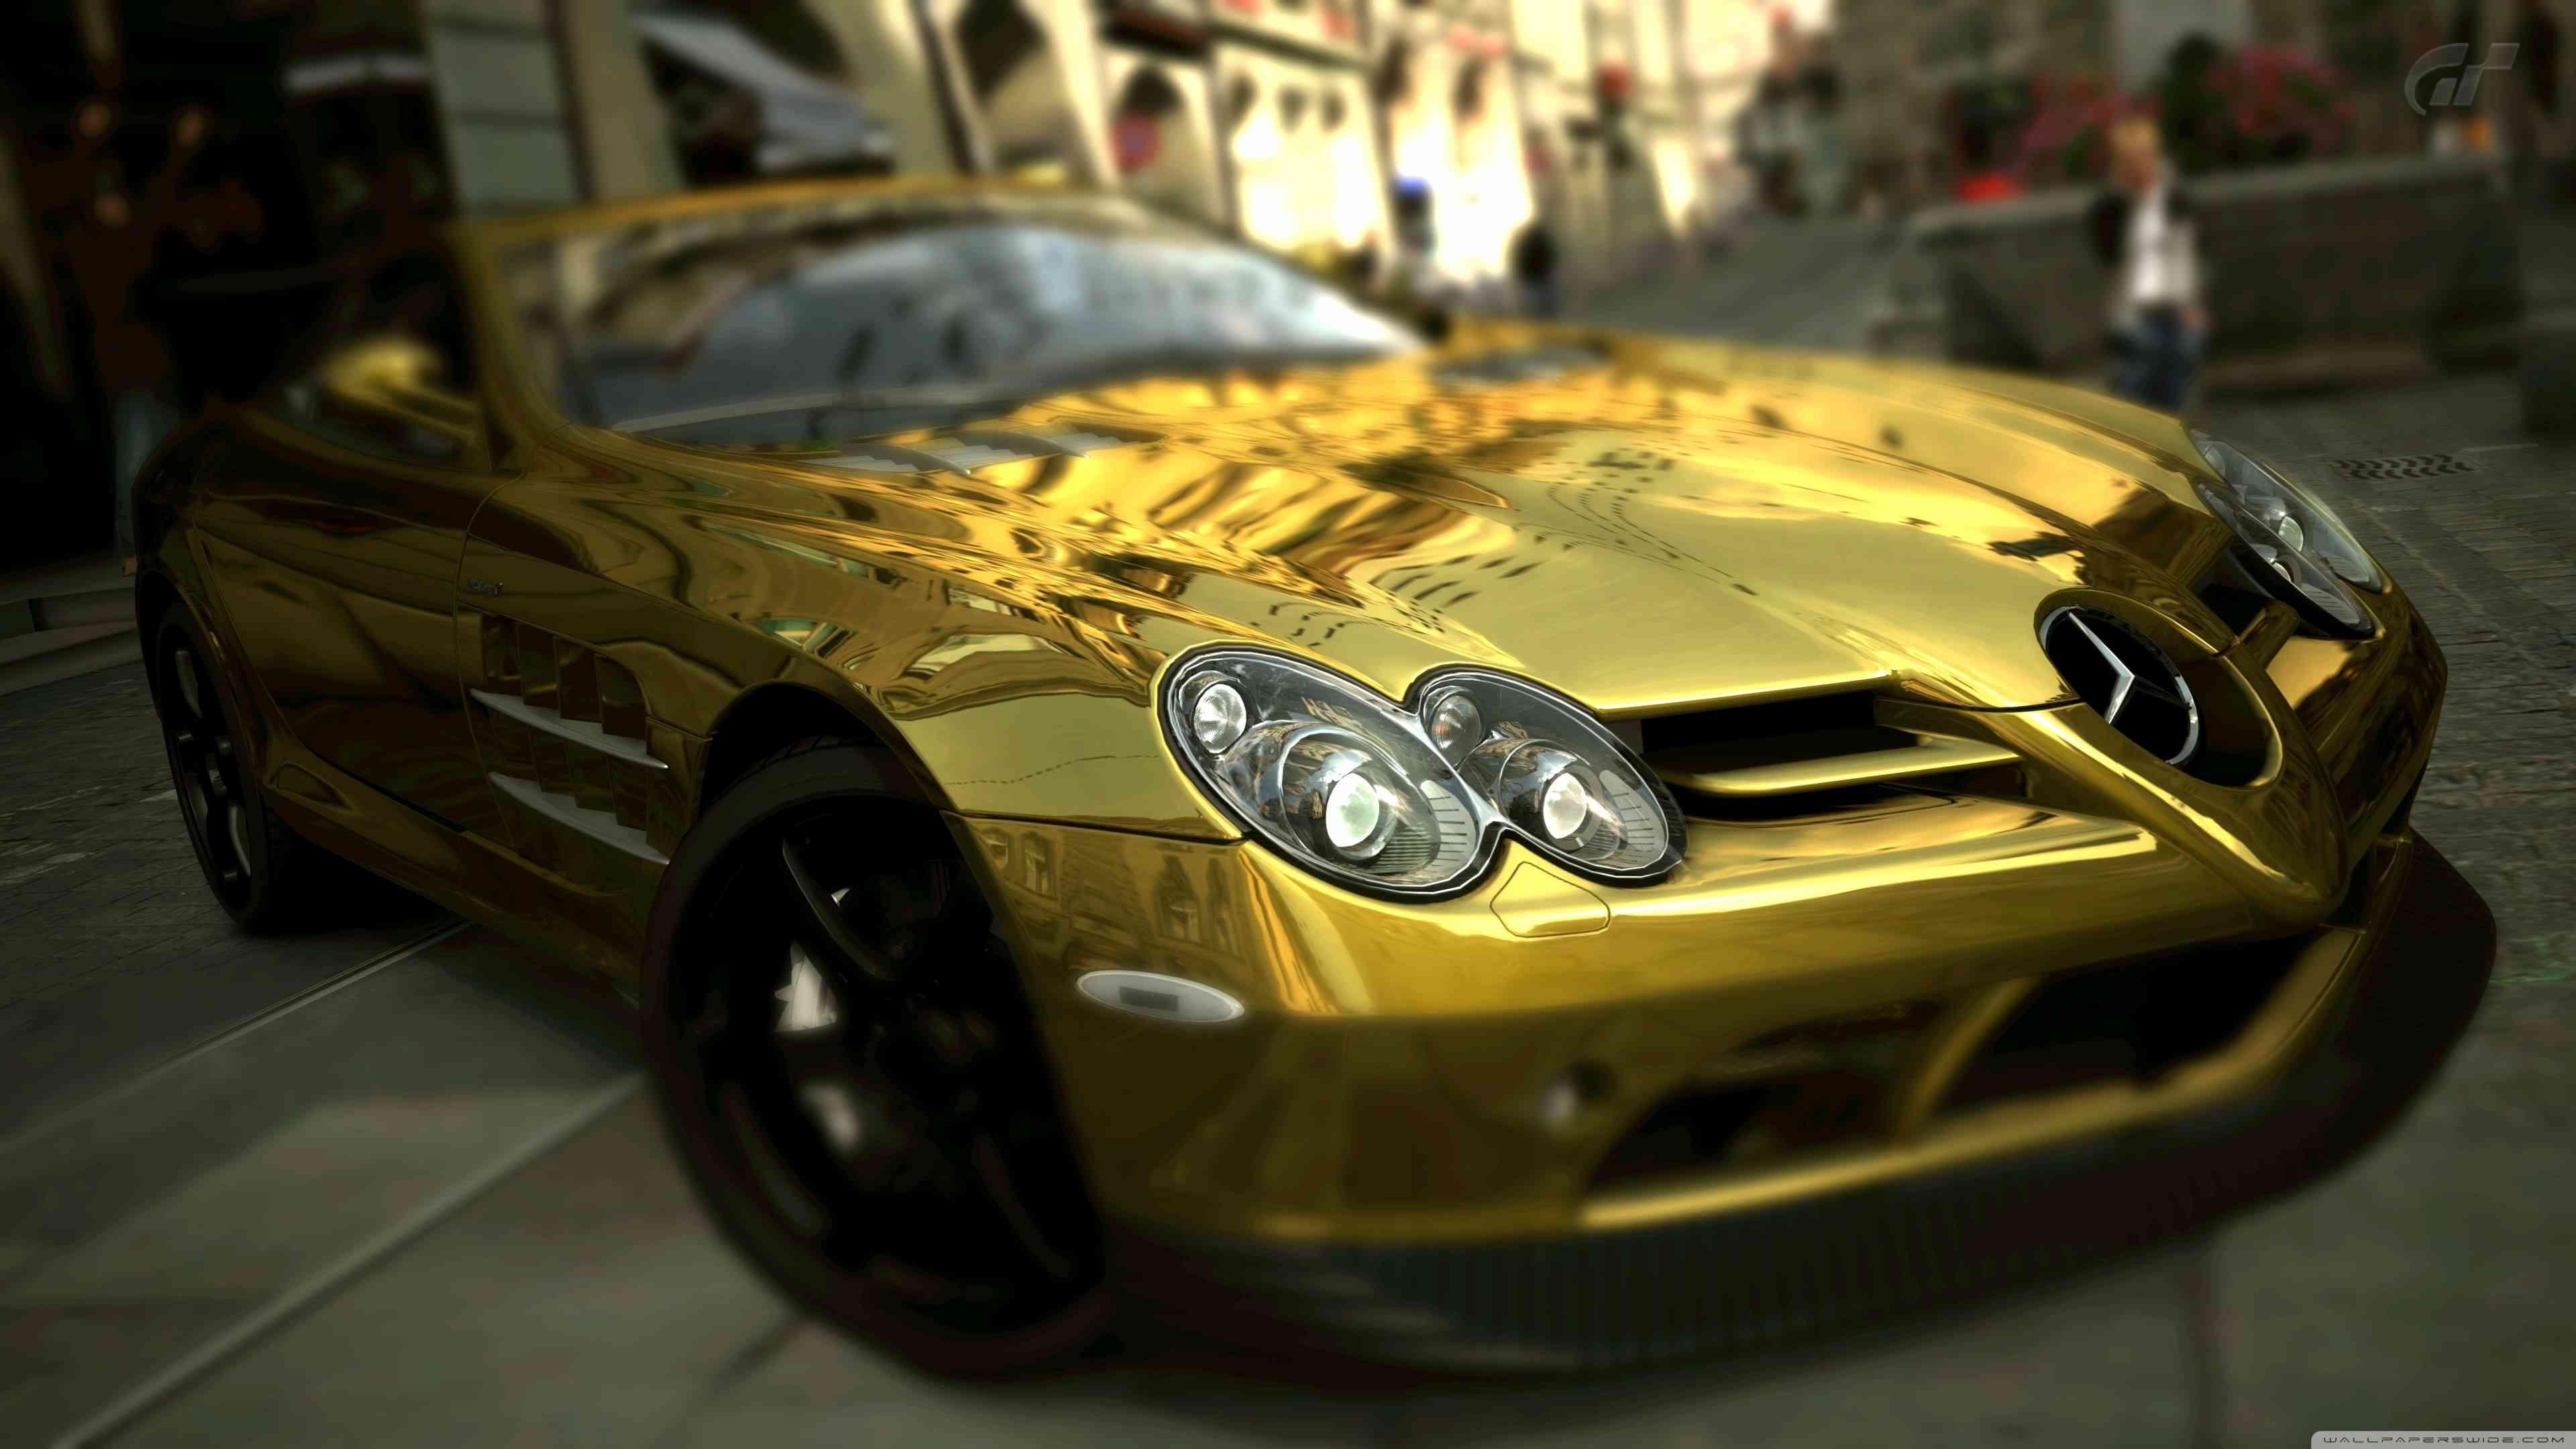 خلفيات الافخام سيارات  / Mercedes  33133110